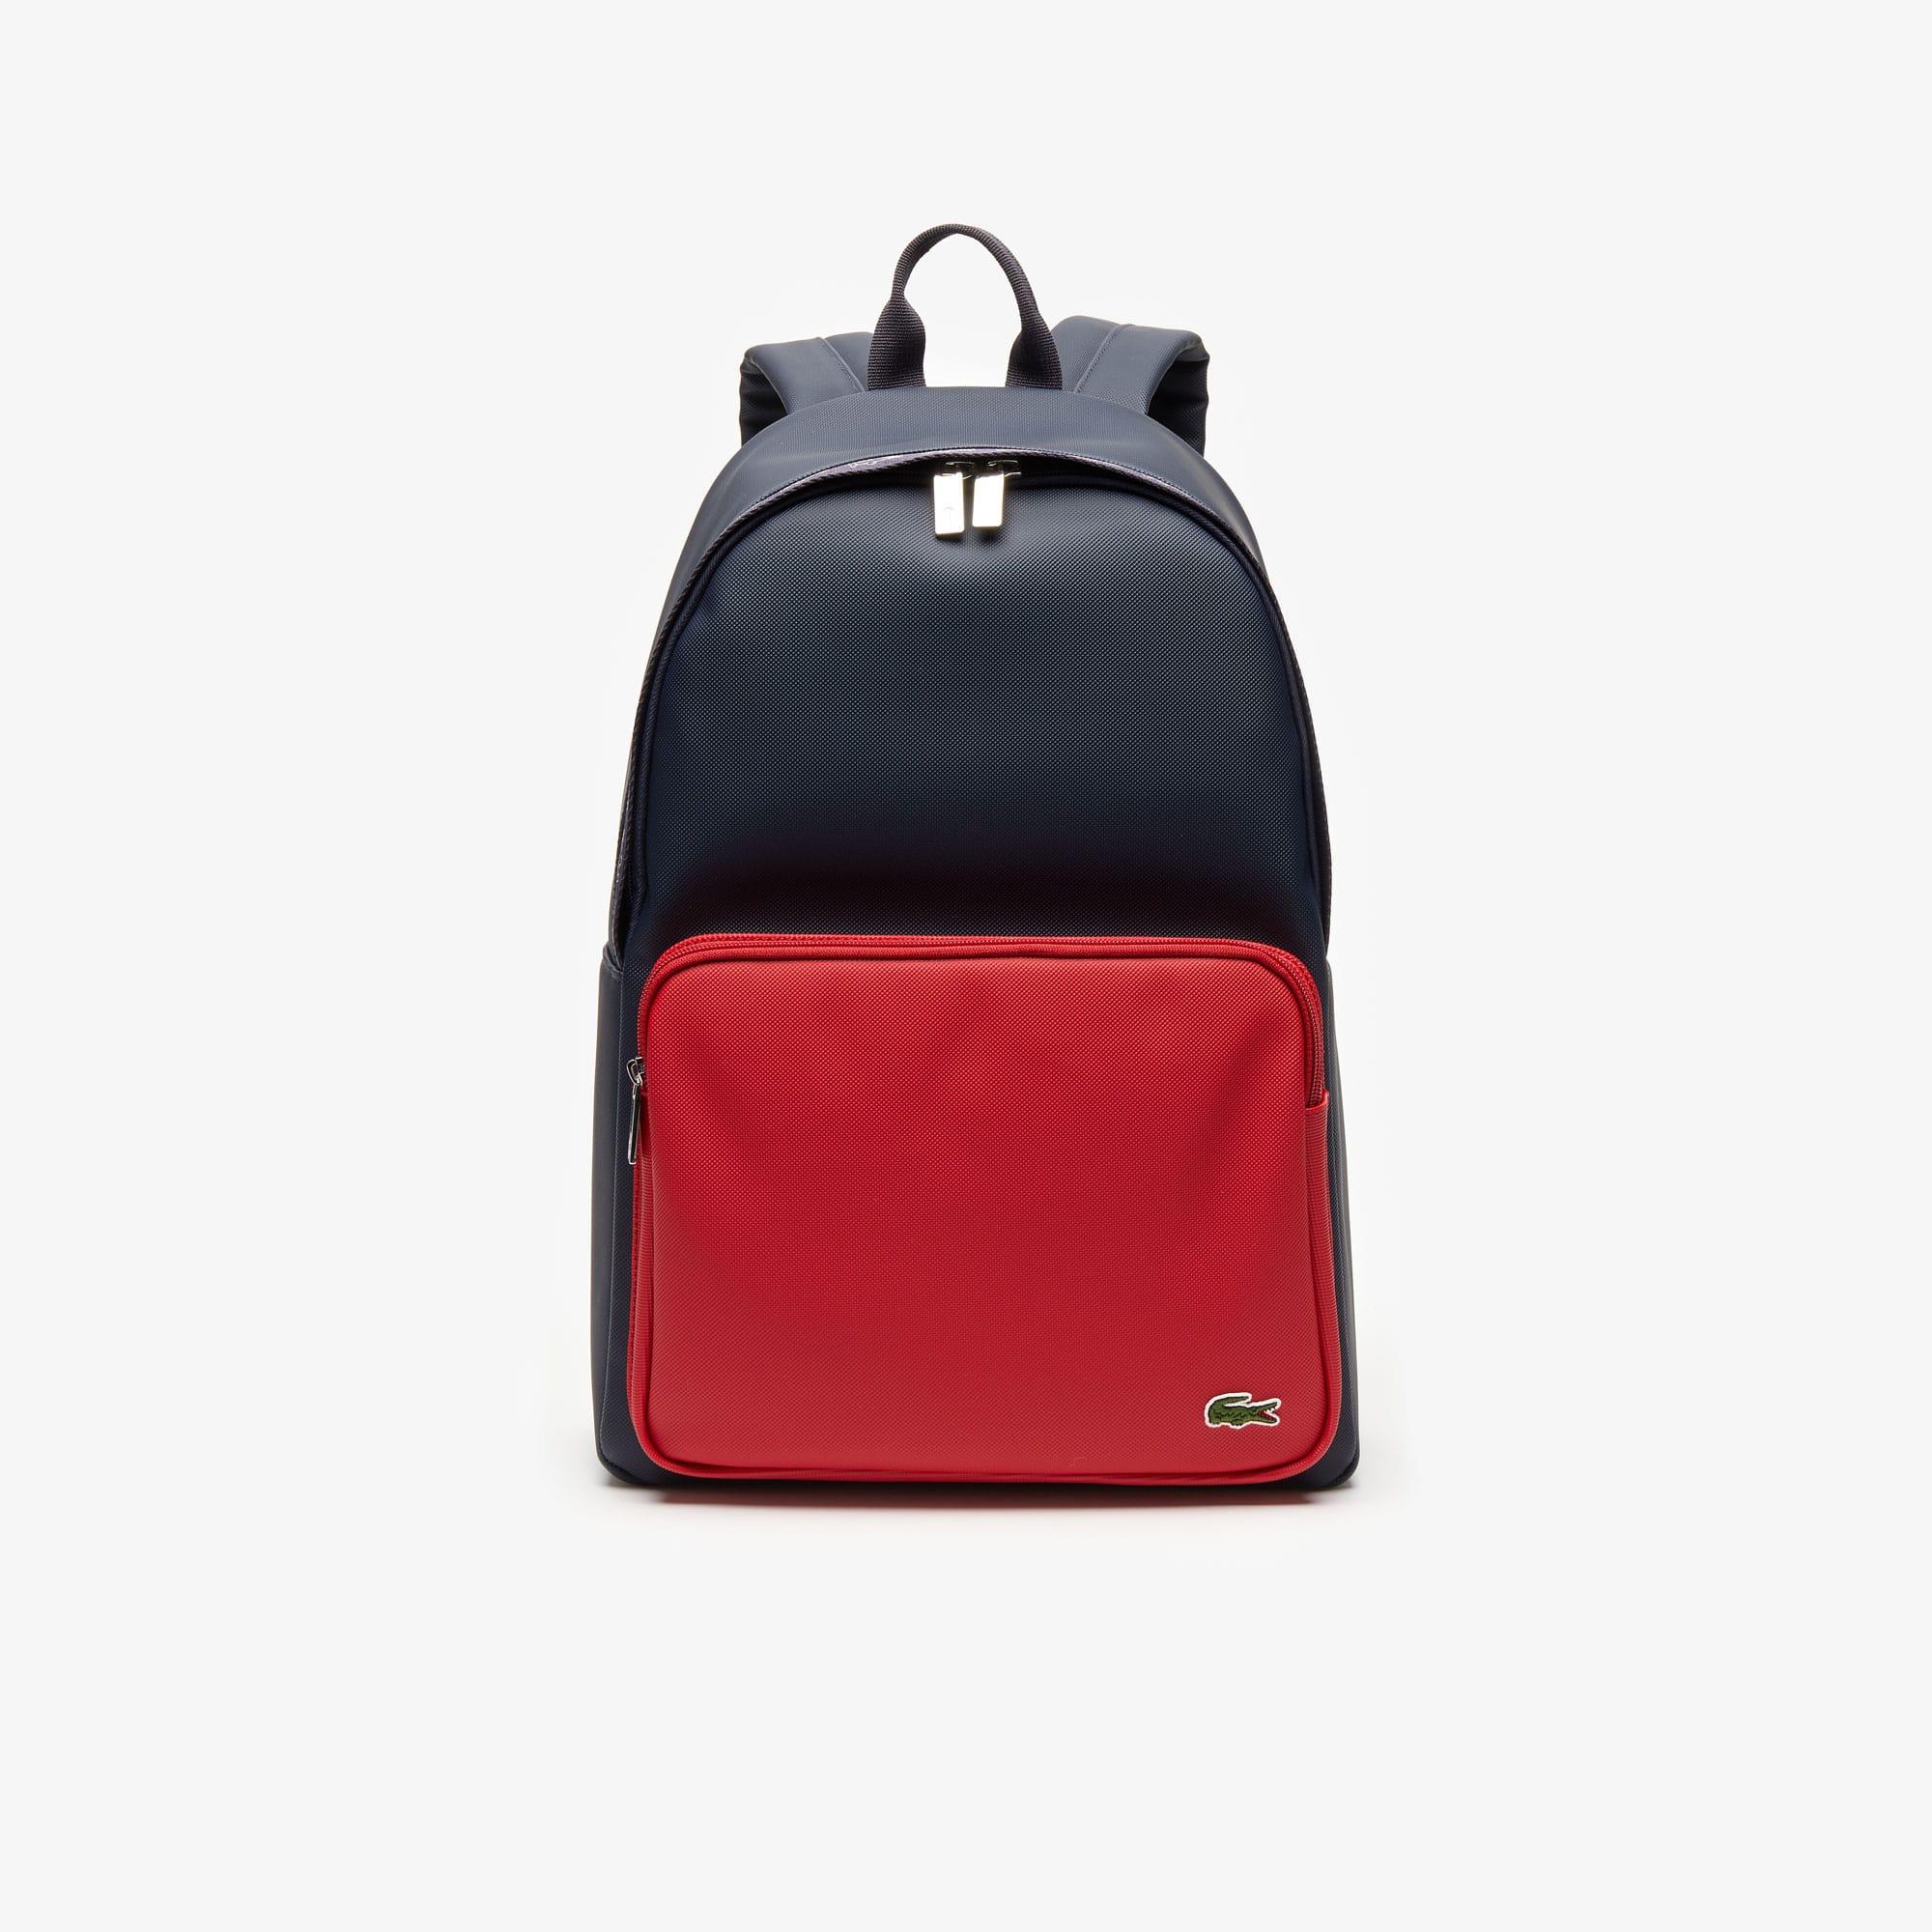 라코스테 두 컬러 백팩 Lacoste Mens Bicolor Backpack,PEACOAT